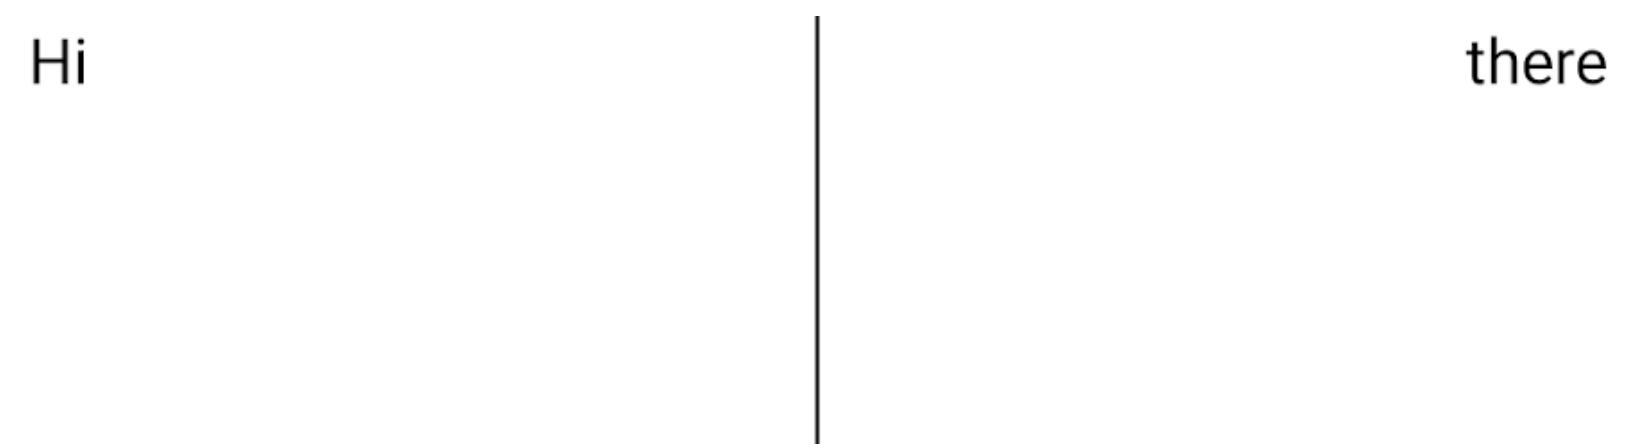 两个文本元素并排显示,中间用分隔线隔开,但分隔线向下延伸到文本底部下方